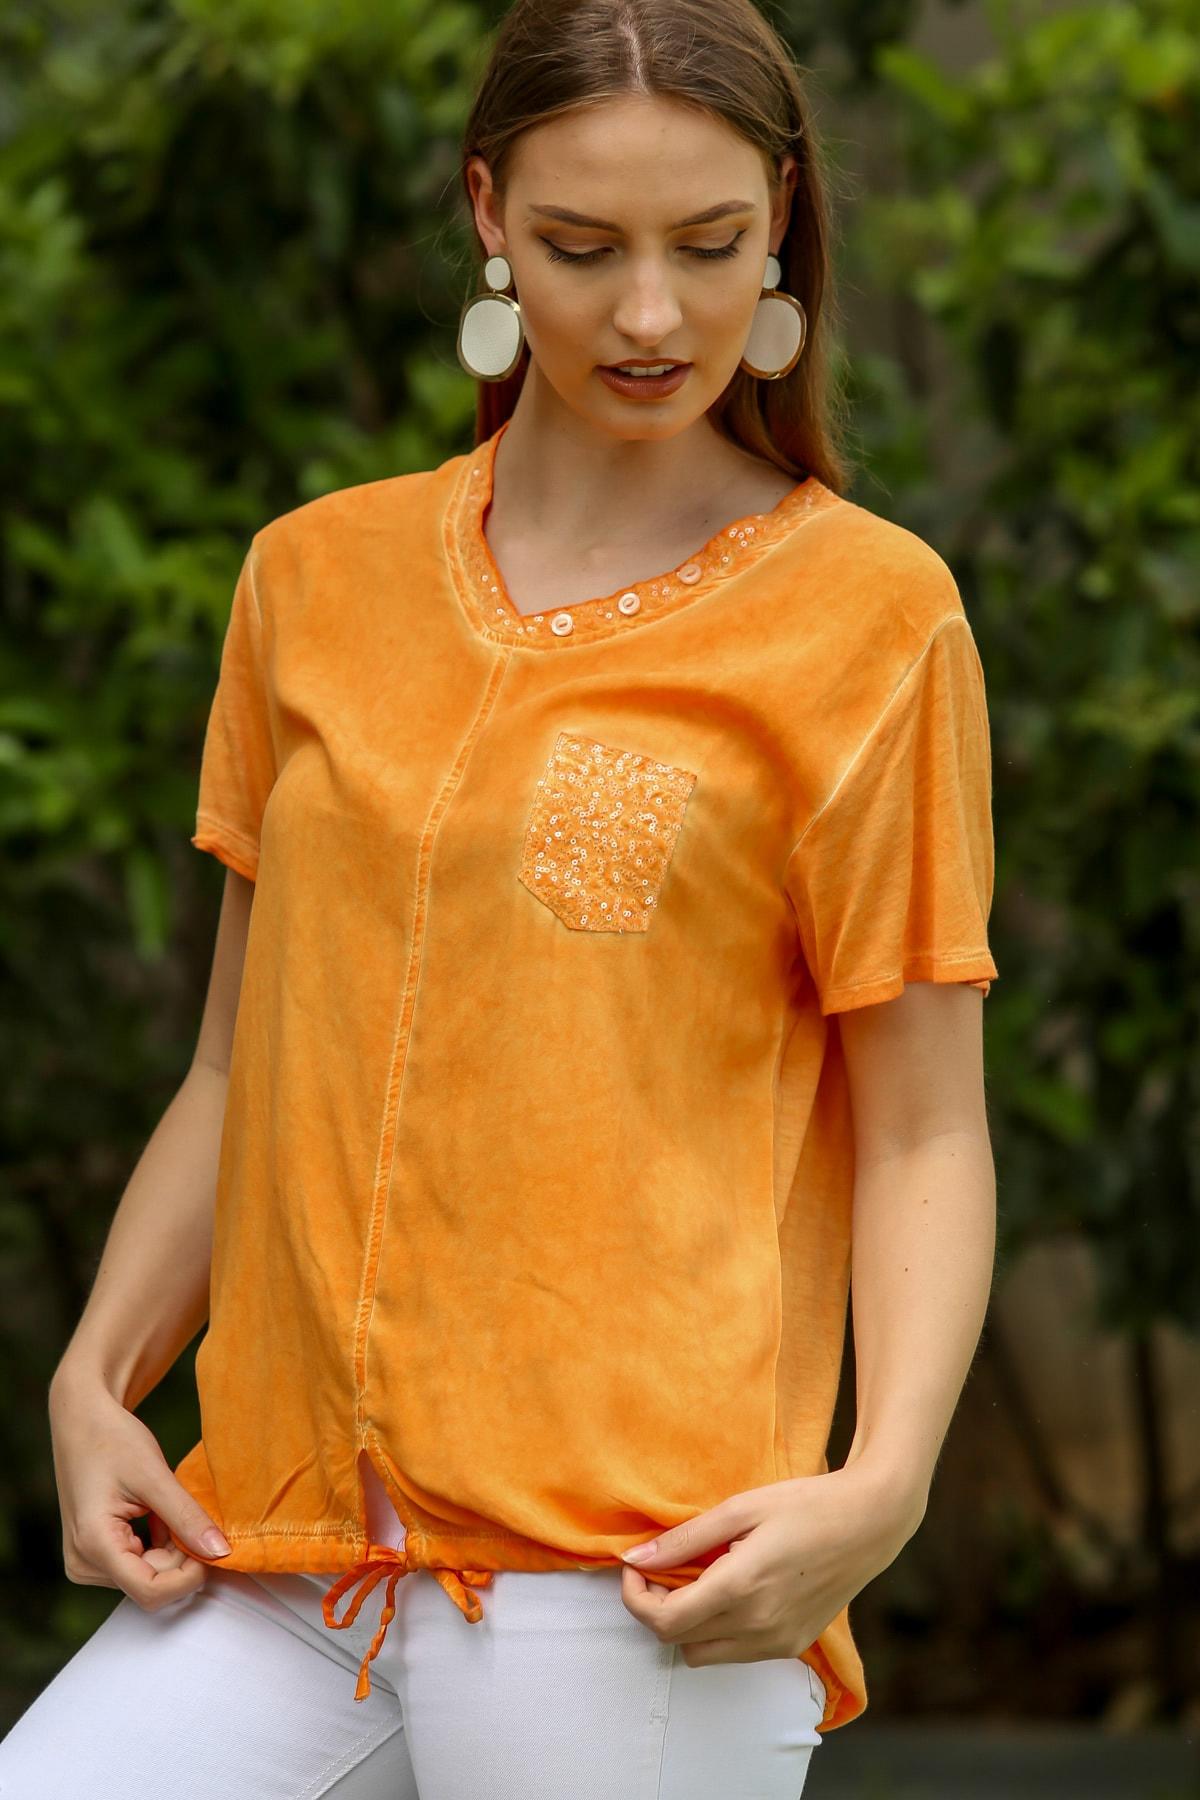 Chiccy Kadın Turuncu Pullu V Yaka Cepli Etek Ucu İp Bağlama Detaylı Yıkamalı Dokuma Bluz M10010200BL95344